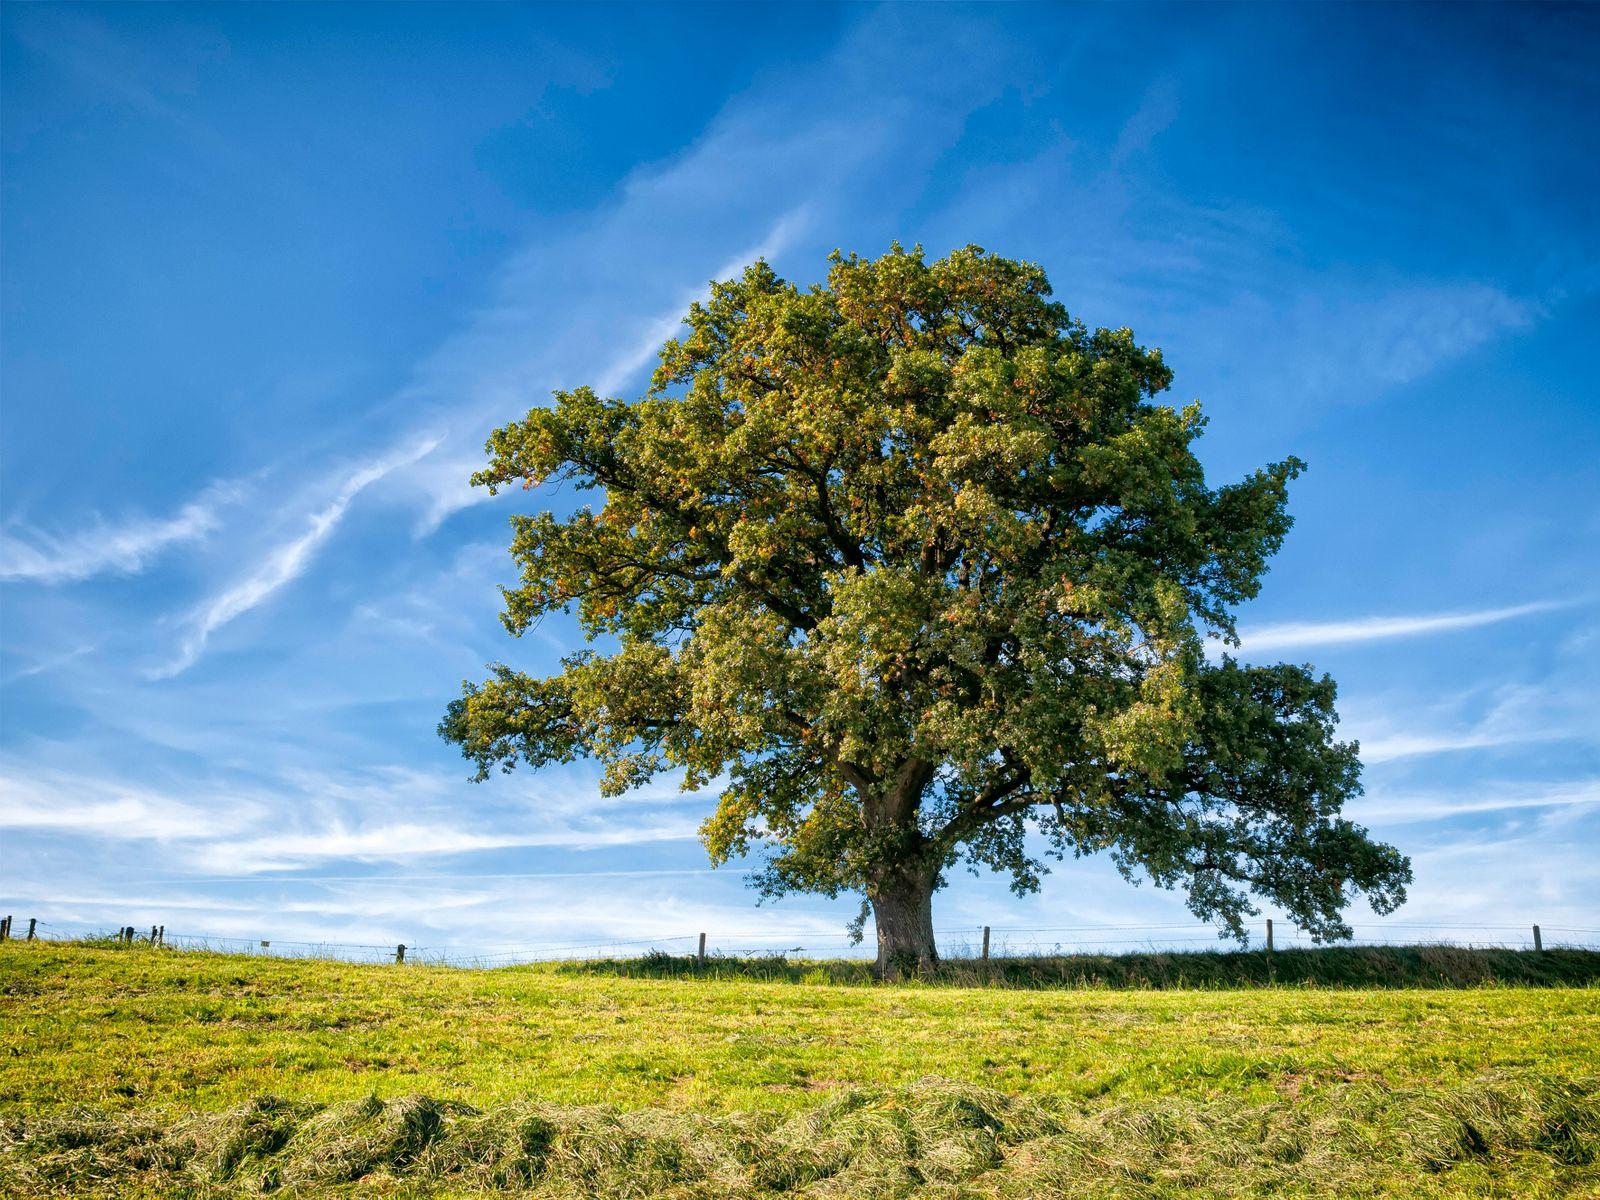 Eiche (Quercus spec.), Baum auf einem Feld unter blauem Himmel, Deutschland, Bayern oak (Quercus spec.), tree in a field